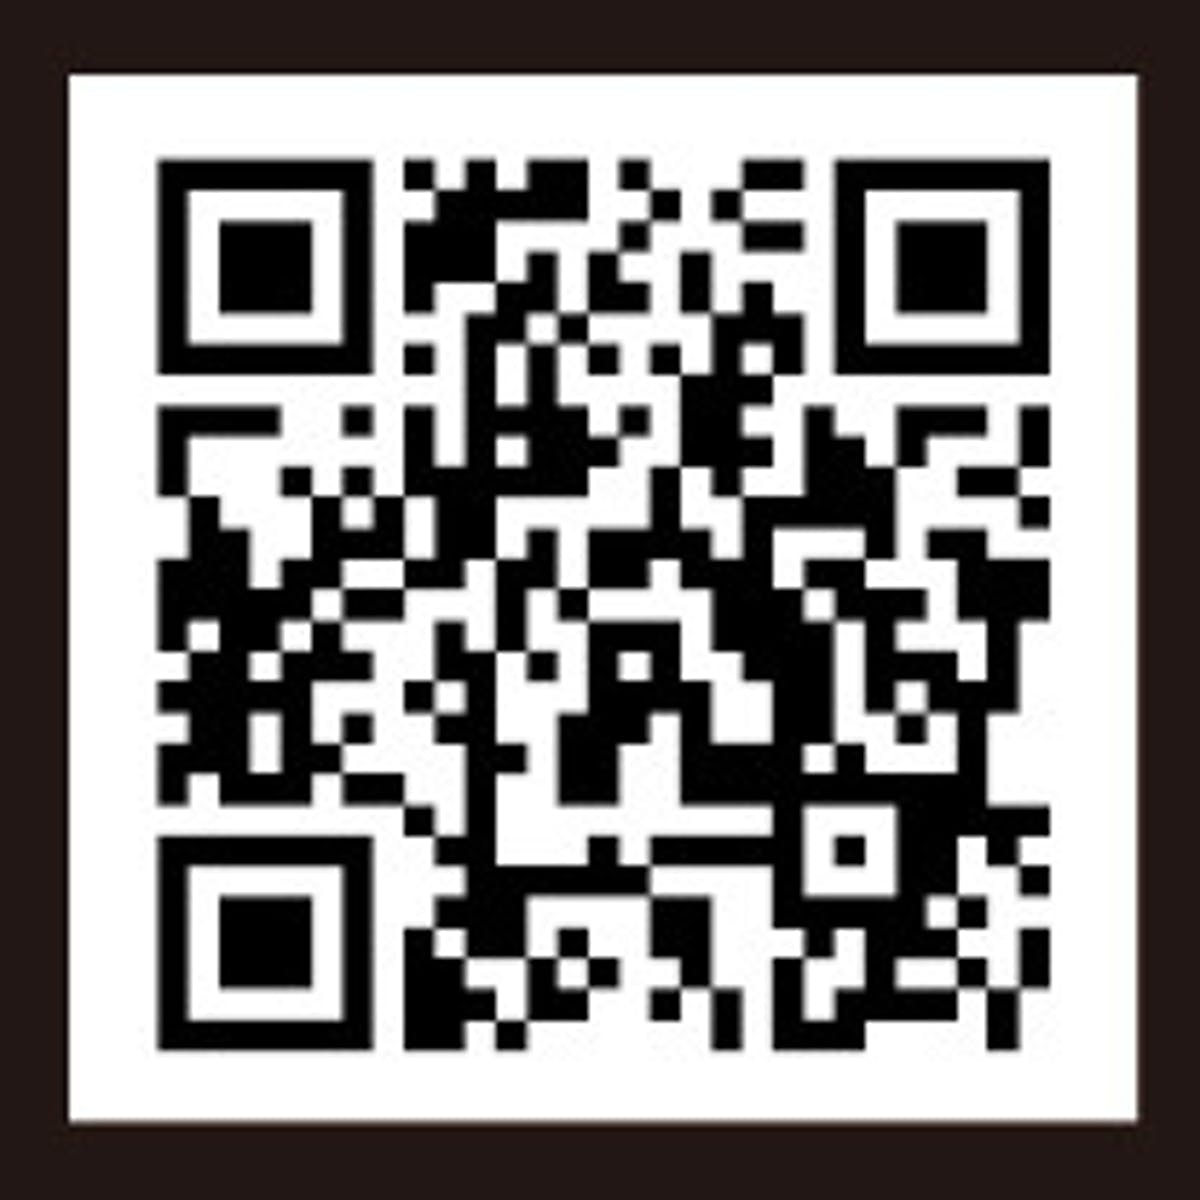 DEFB5E86-25FB-4B1A-8694-8331DC592B60.jpeg